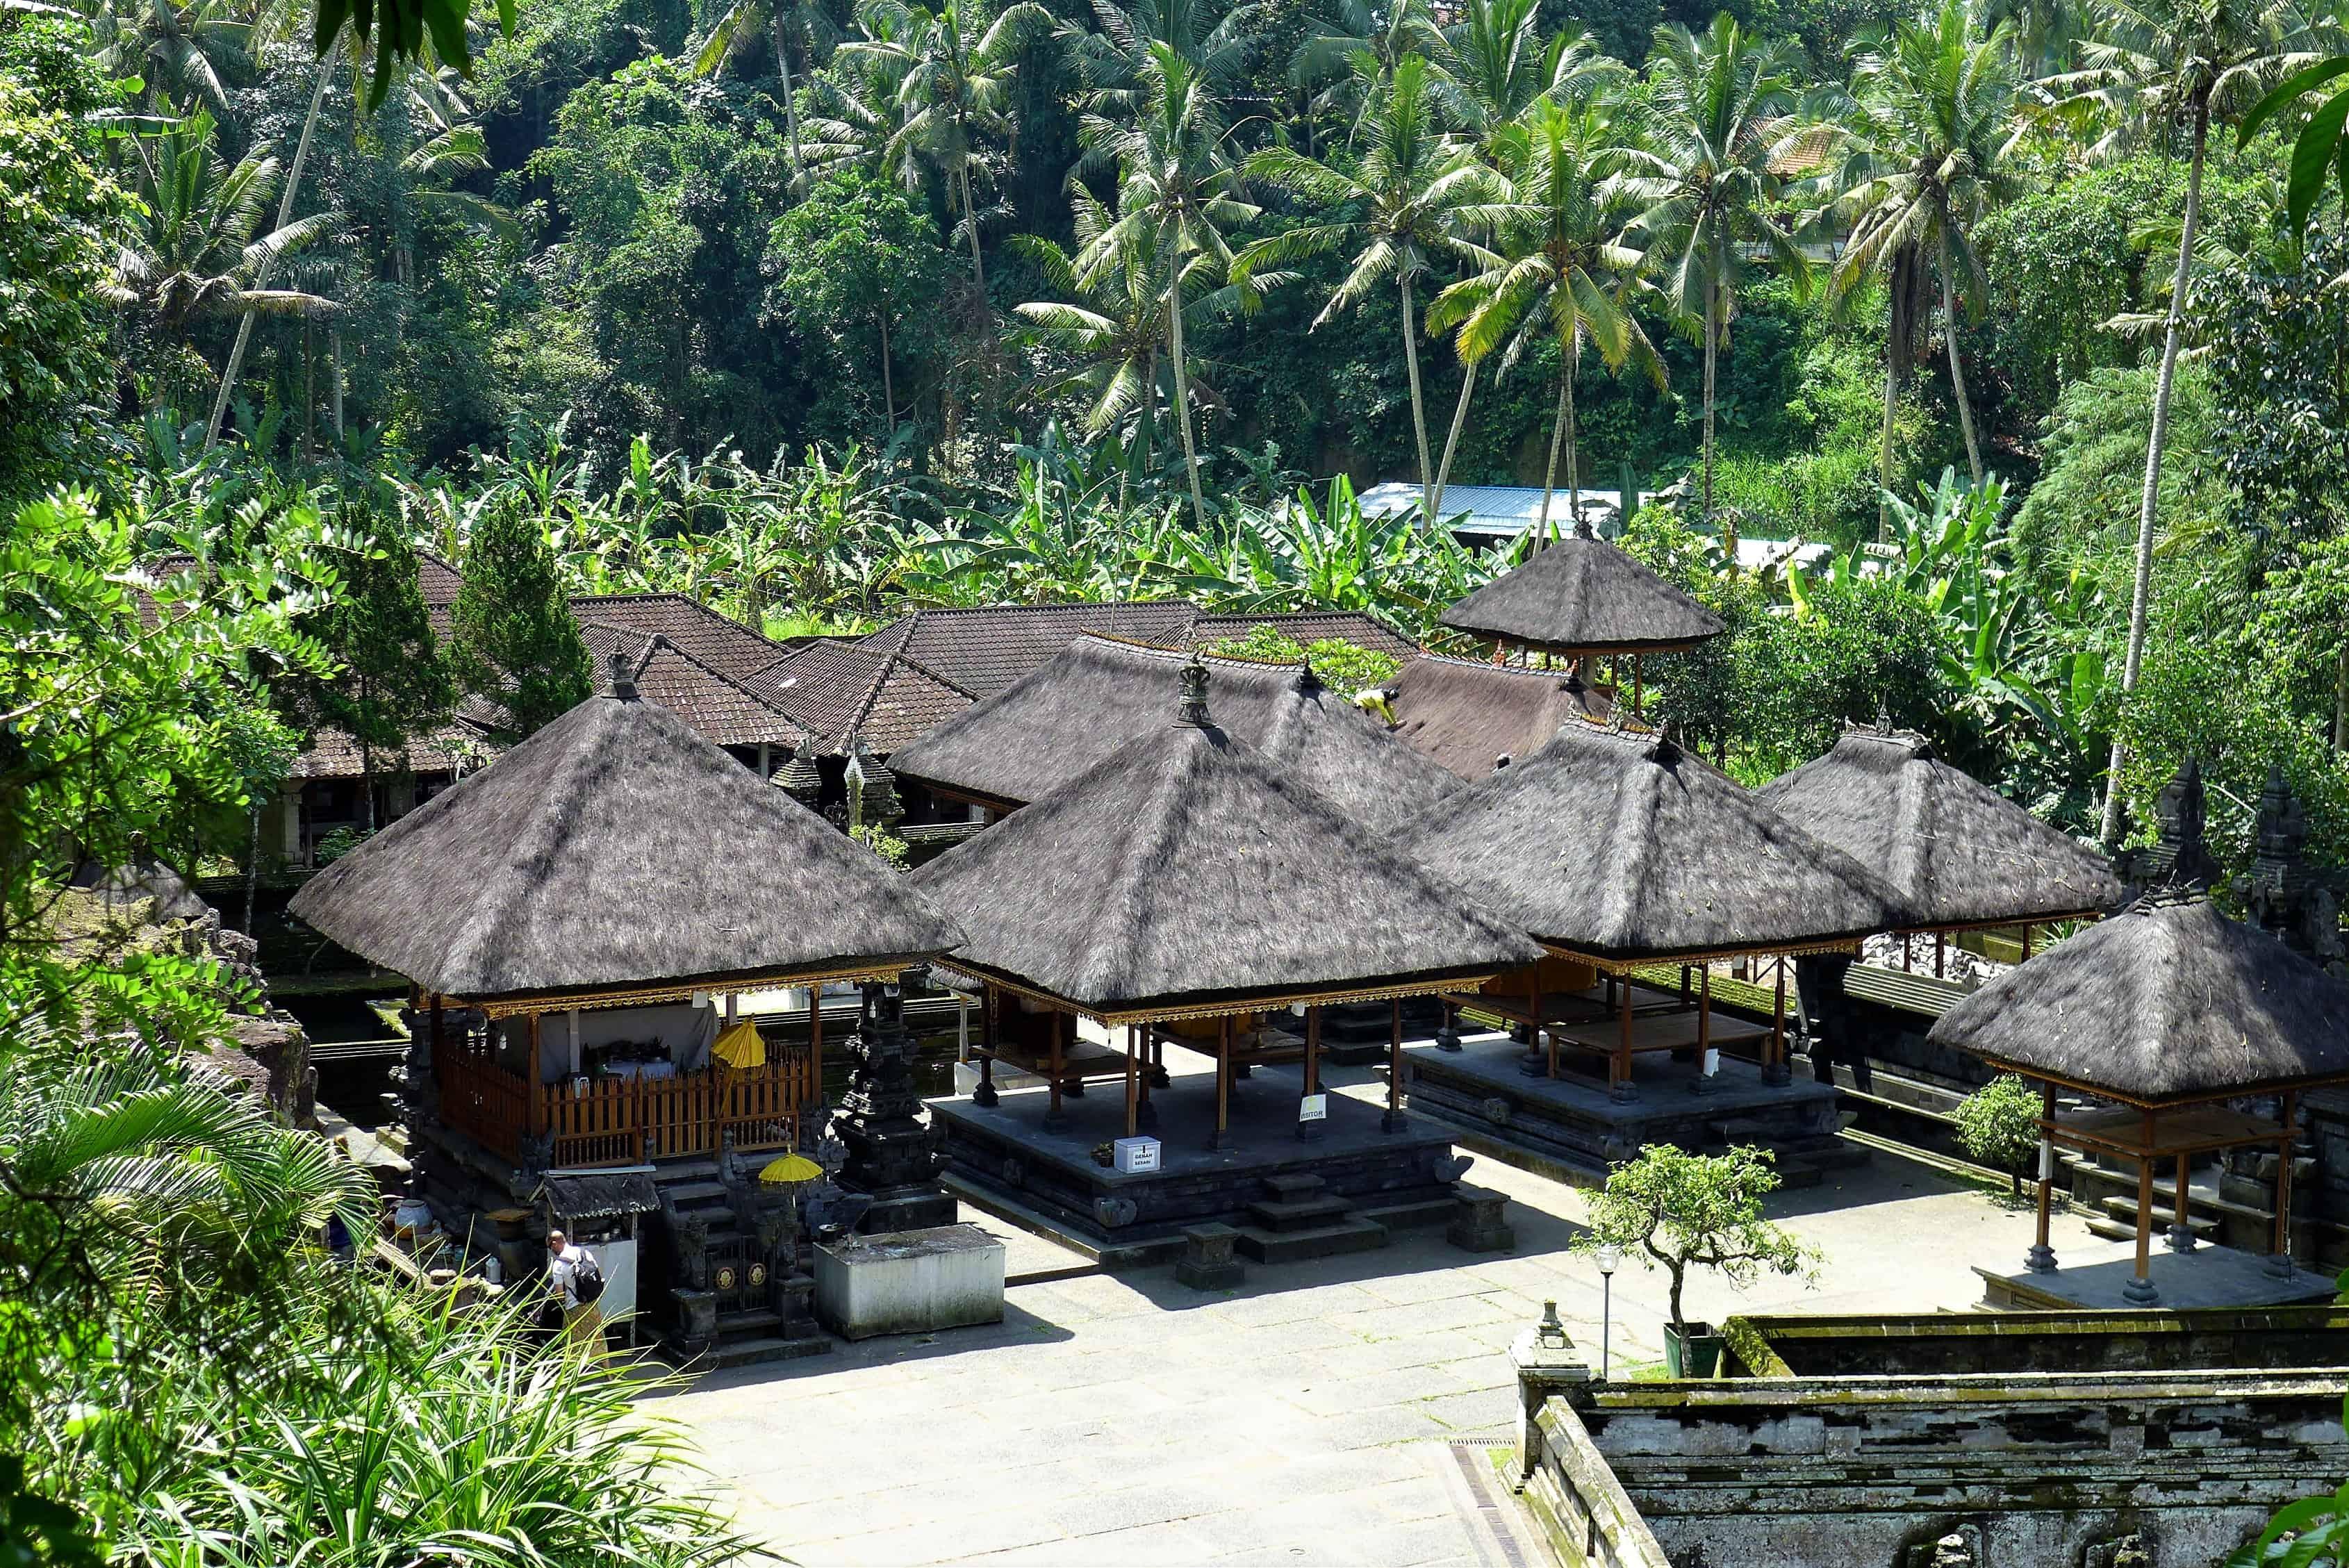 Zwiedzanie Bali, Goa Gajah